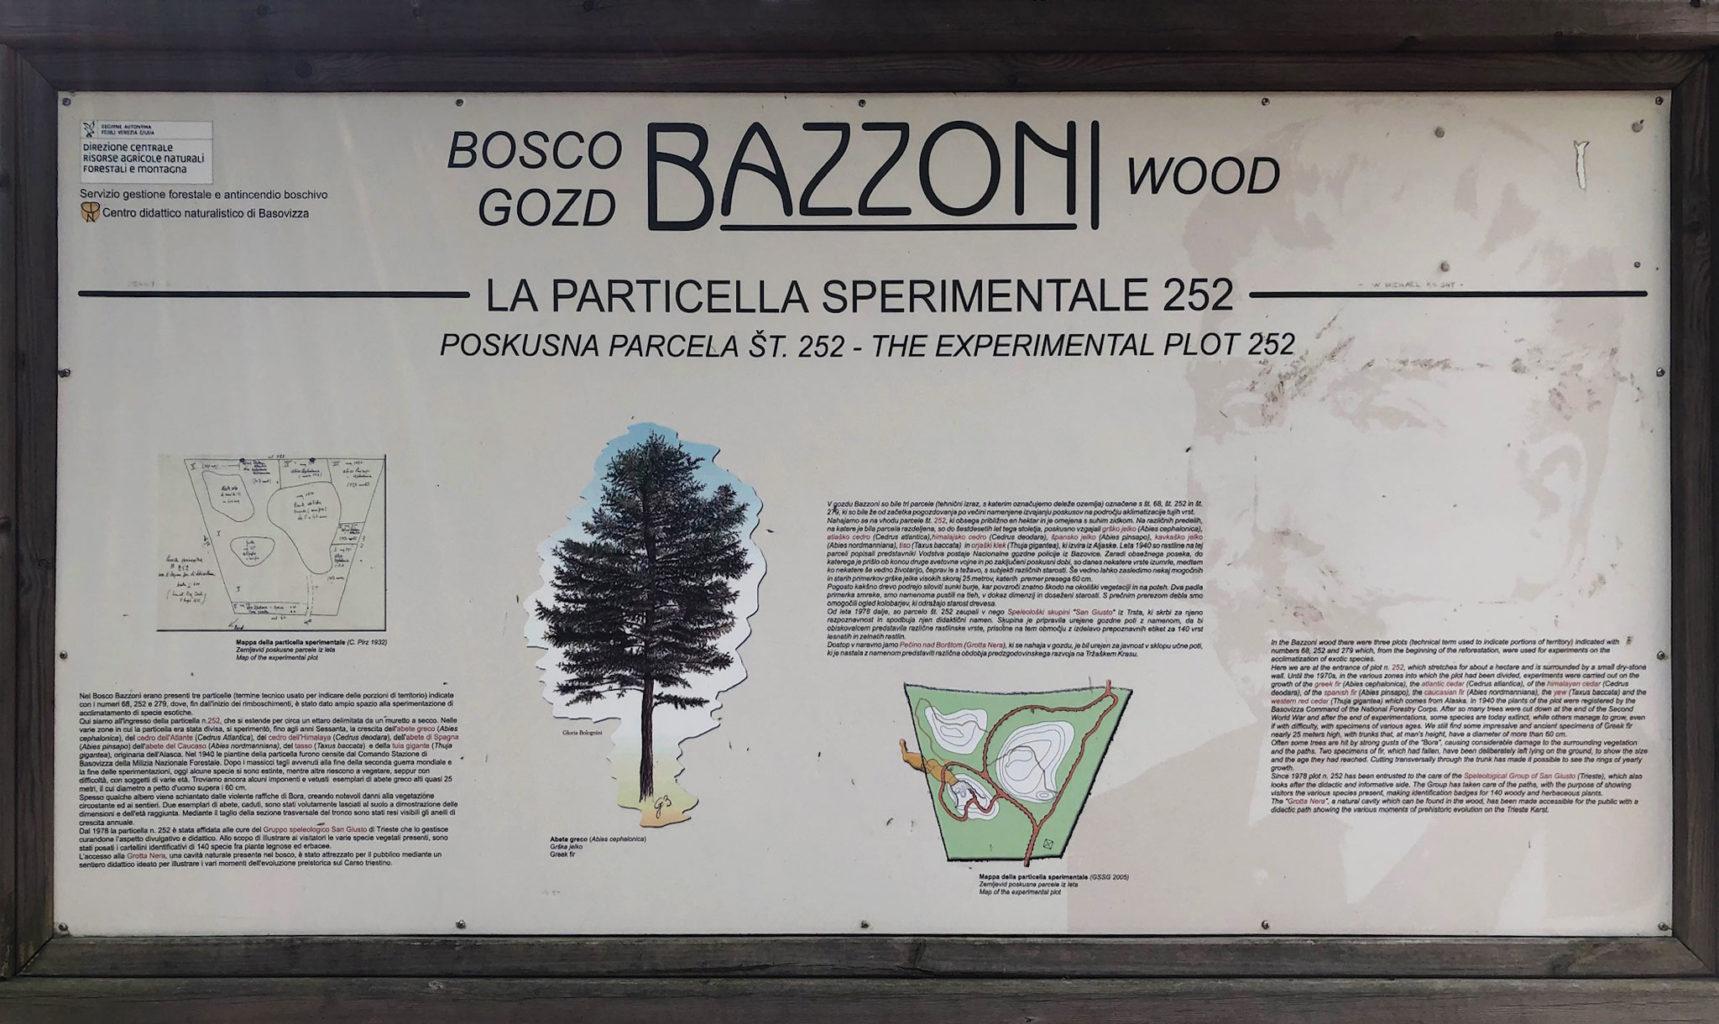 Bosco Bazzoni cartello